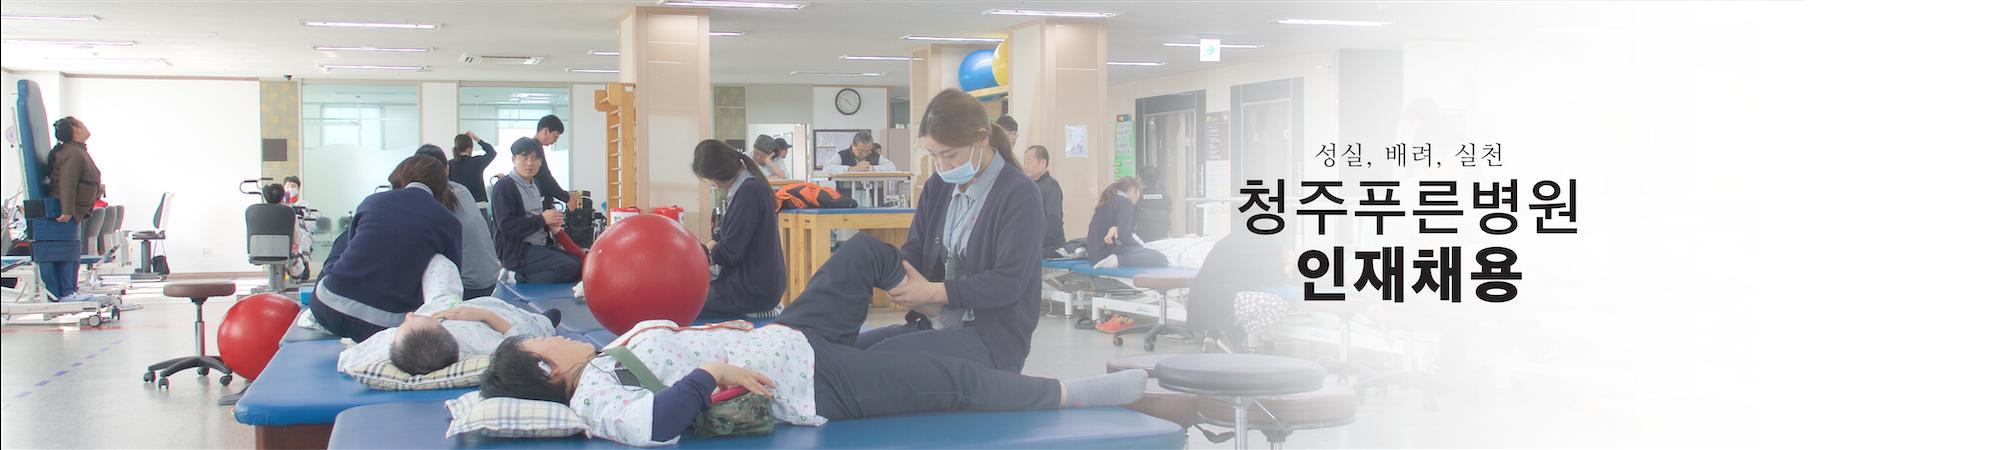 청주푸른병원 인재 채용 1.png